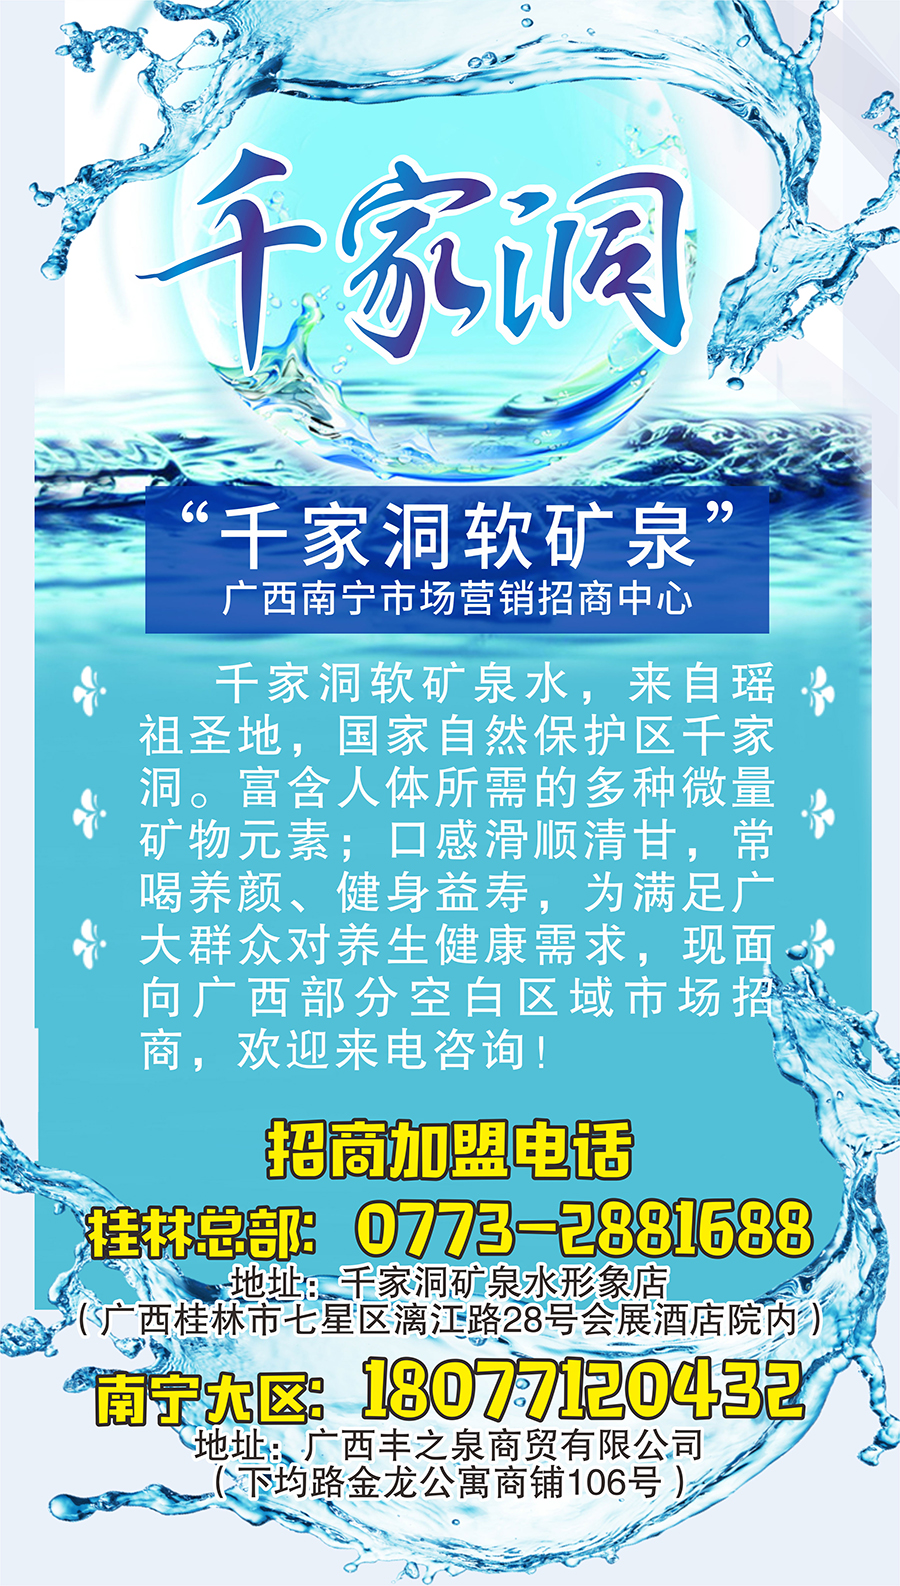 南宁加盟海报1.jpg